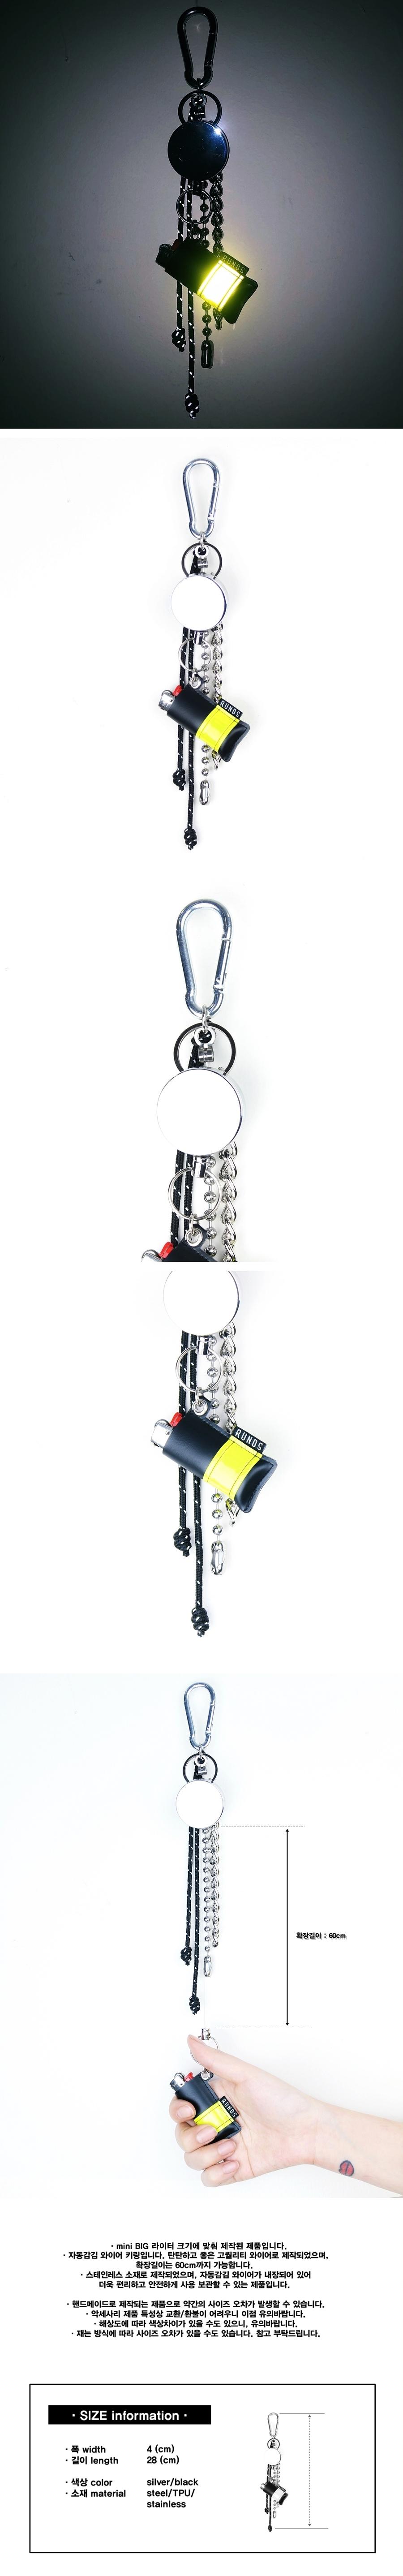 런디에스(RUNDS) 리플렉트 라이터 와이어 키링 (3color)